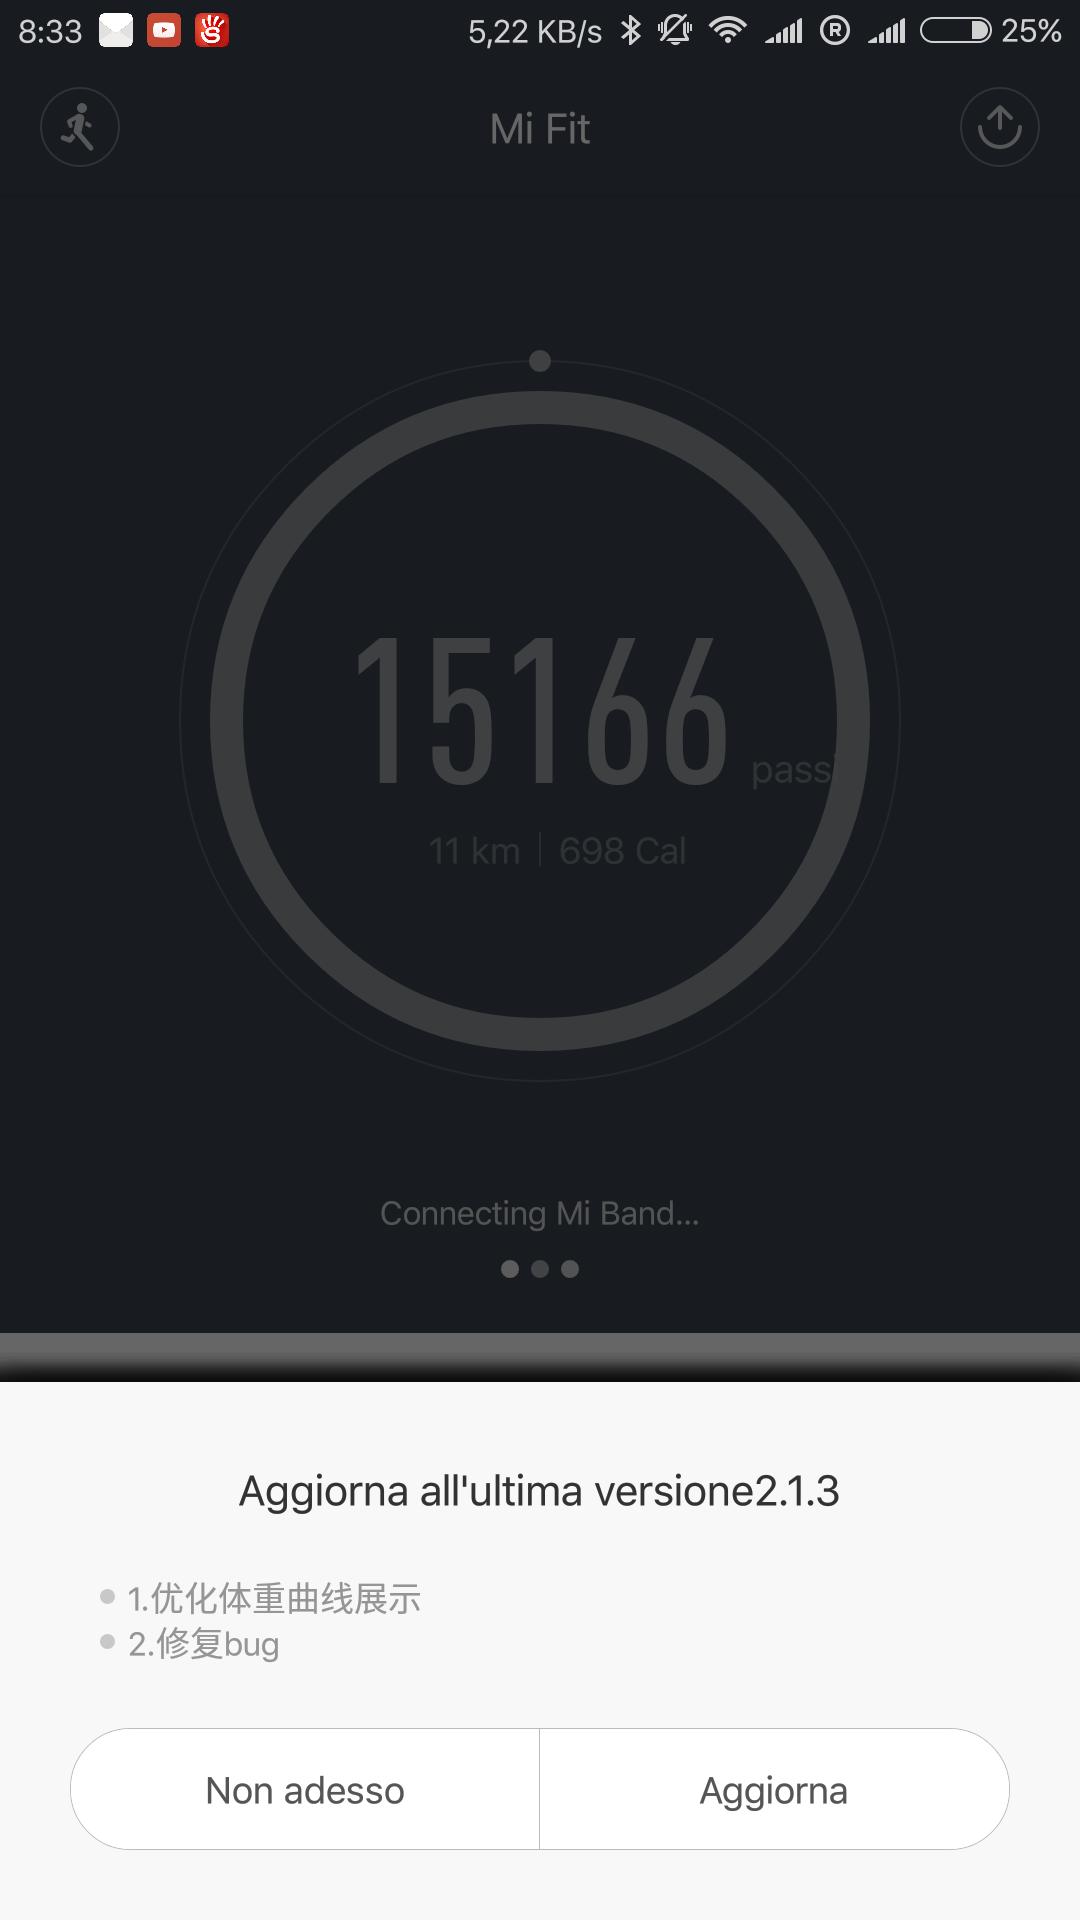 Encajo 2.1.3